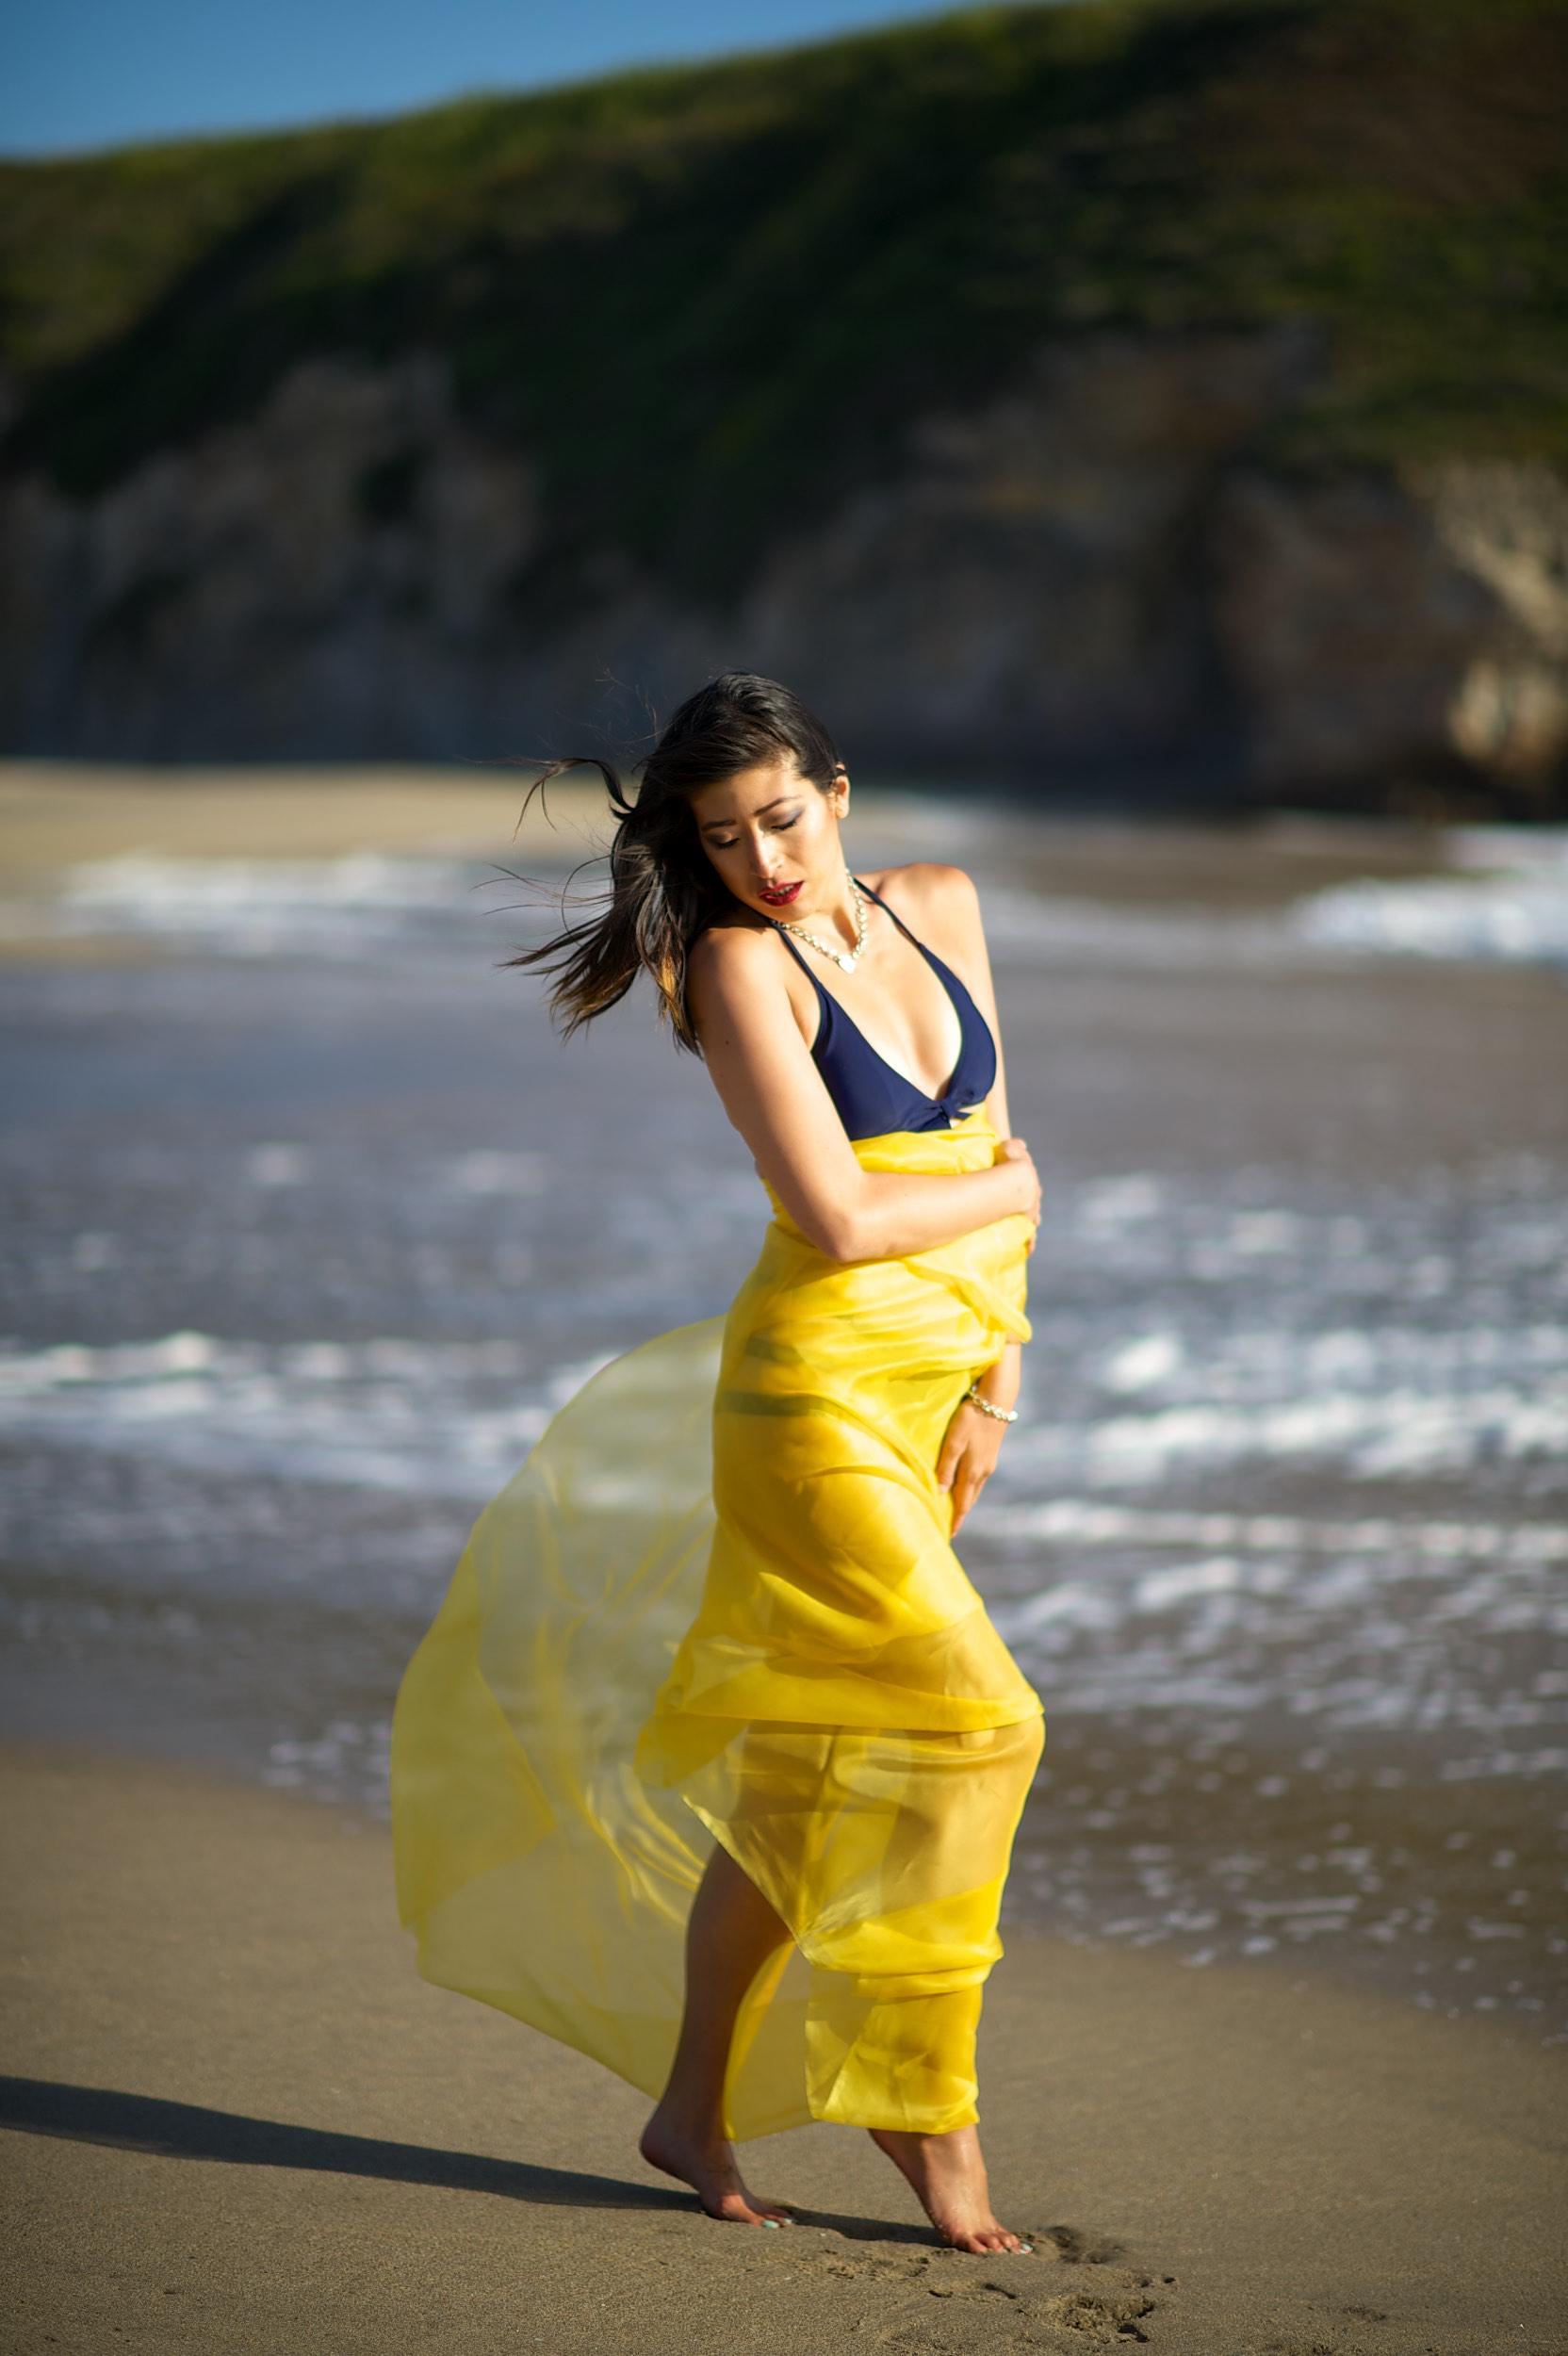 beach-008.jpg